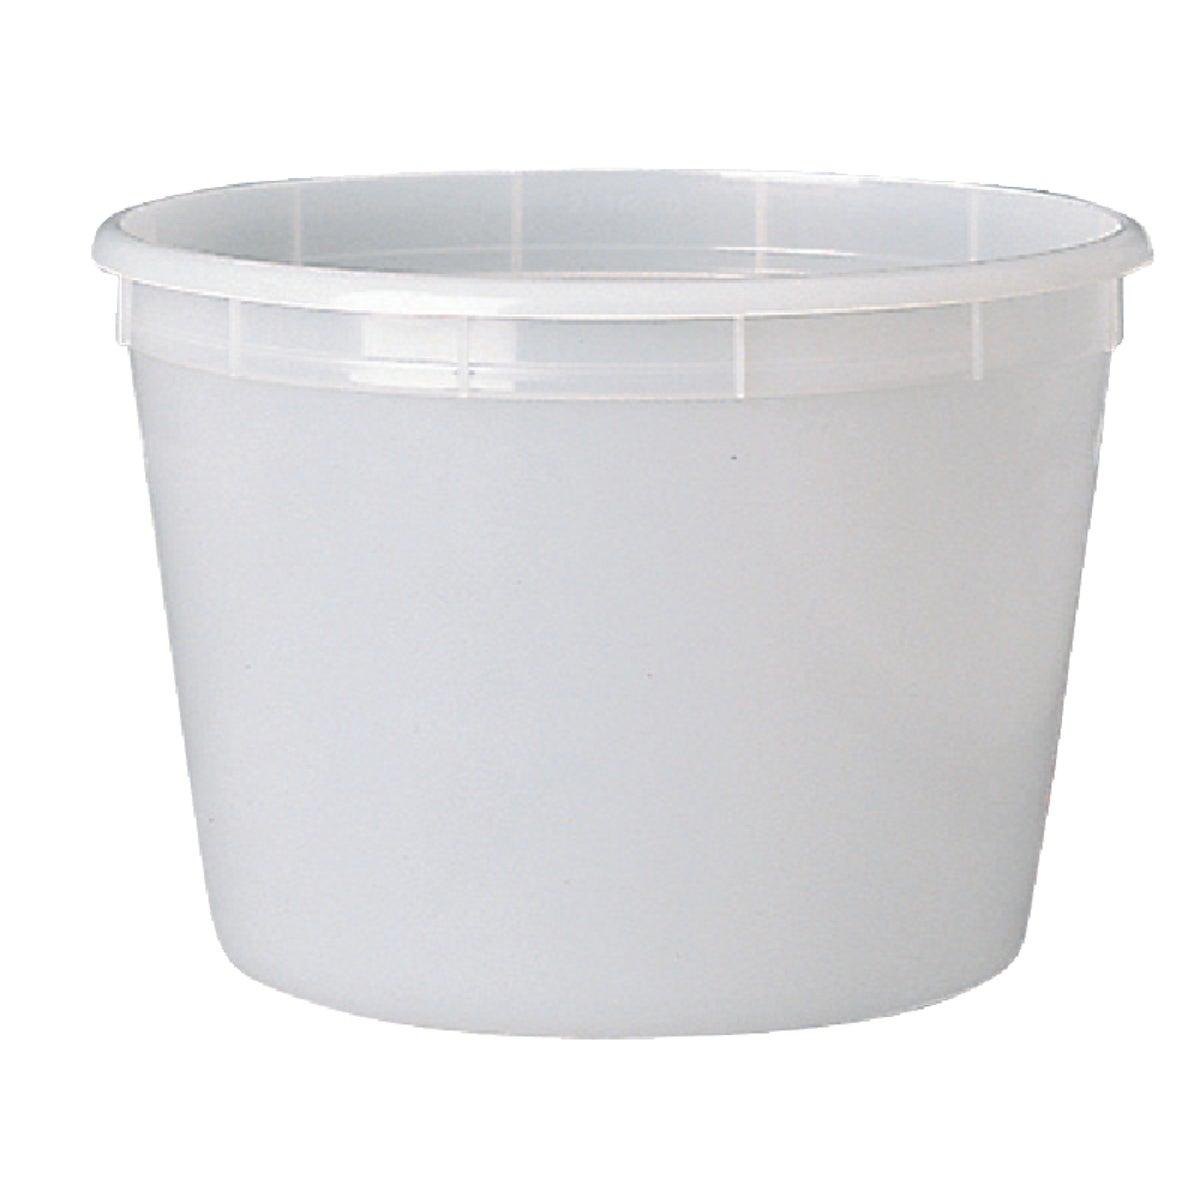 5PT PLASTIC UTILITY TUB - 5PT by Leaktite Corporation